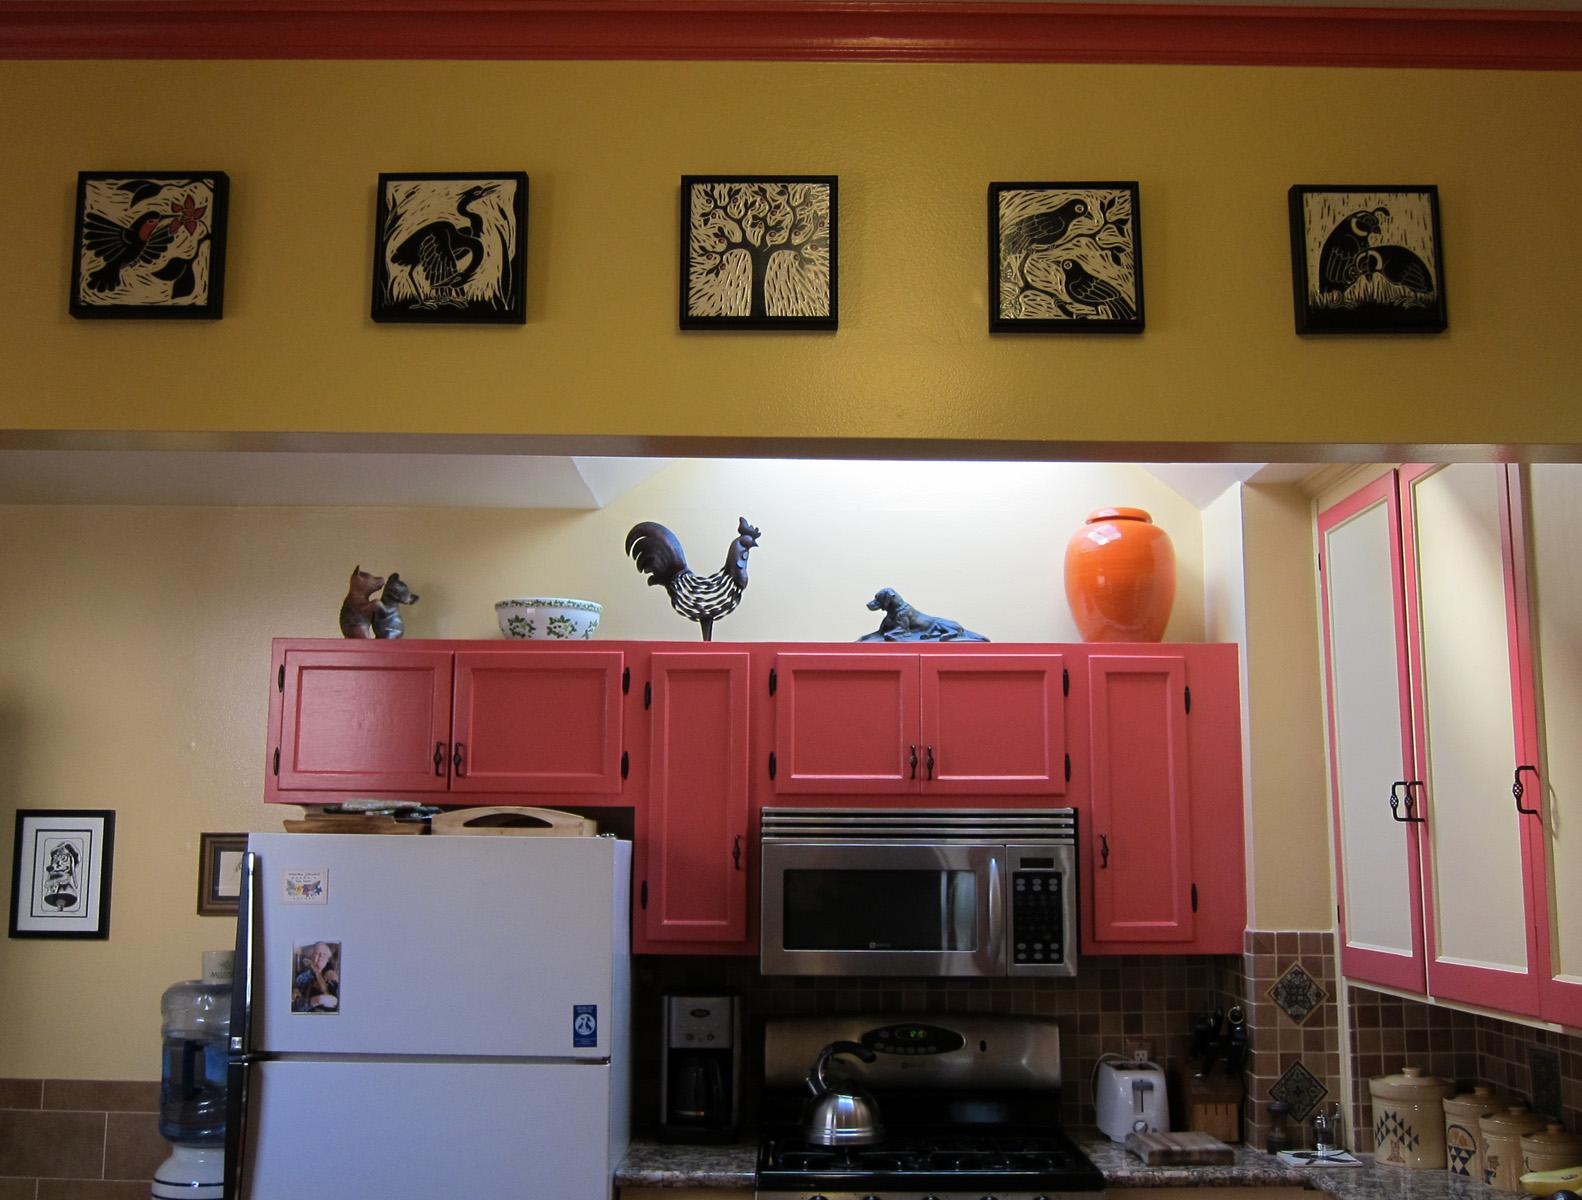 More framed tiles